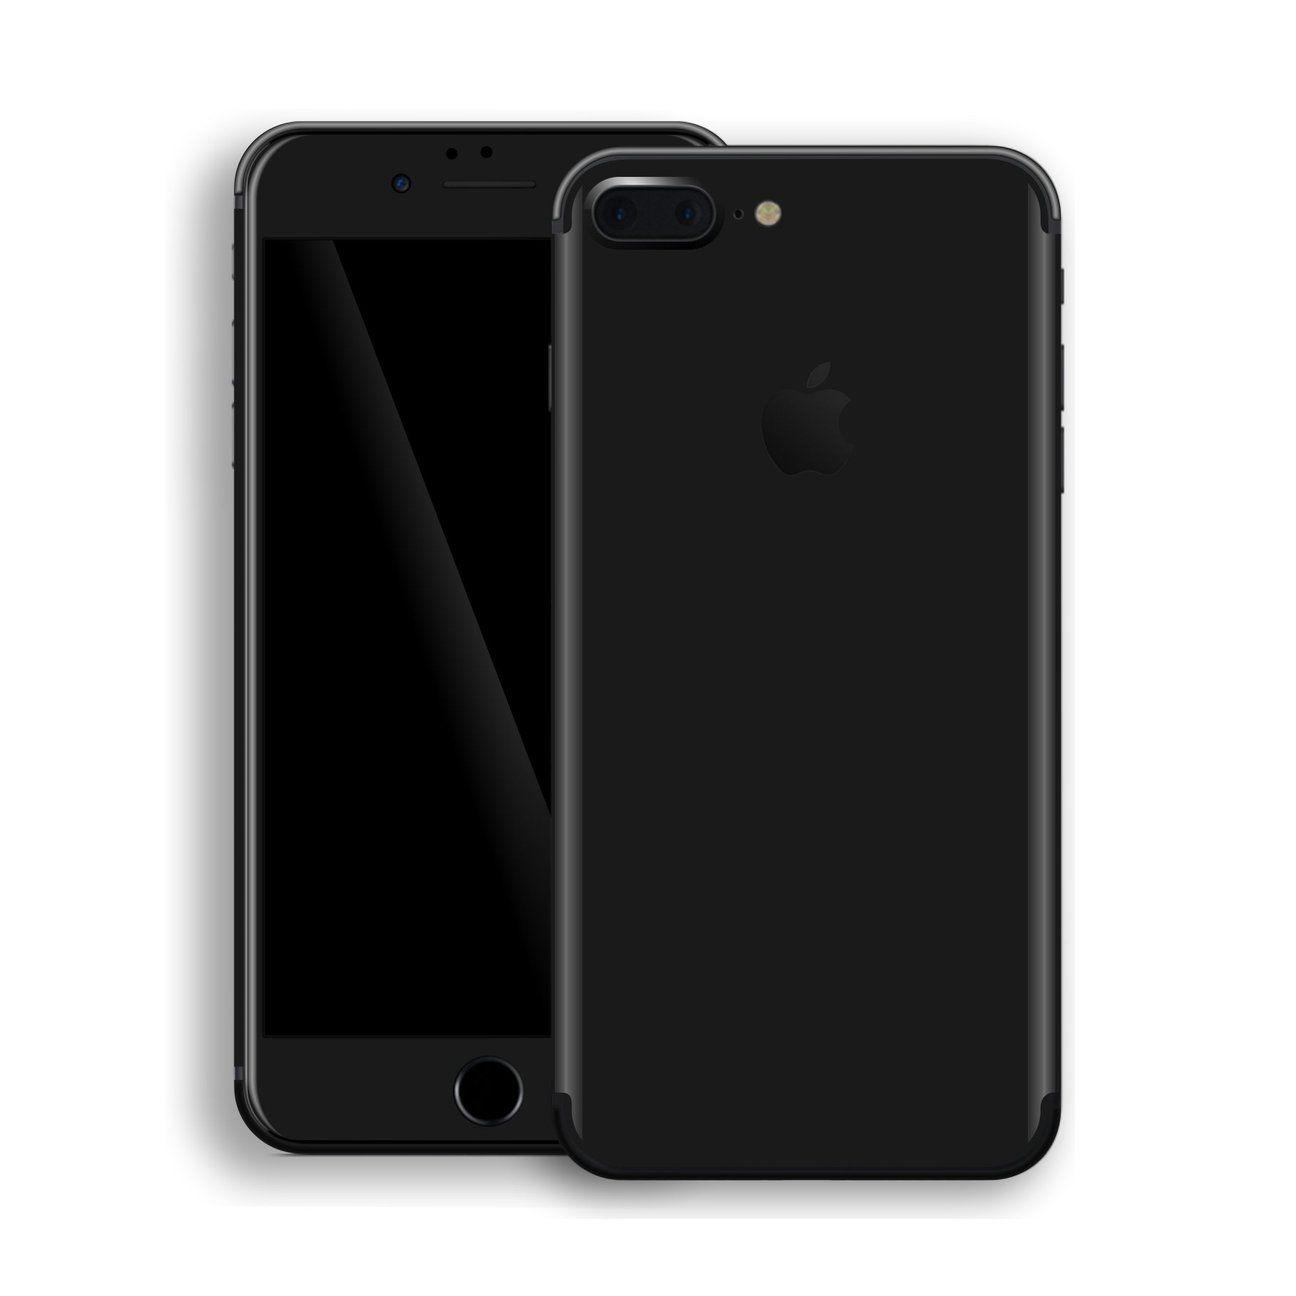 Iphone 8 Plus Black Matt Skin Iphone Iphone 8 Plus Iphone 7 Plus